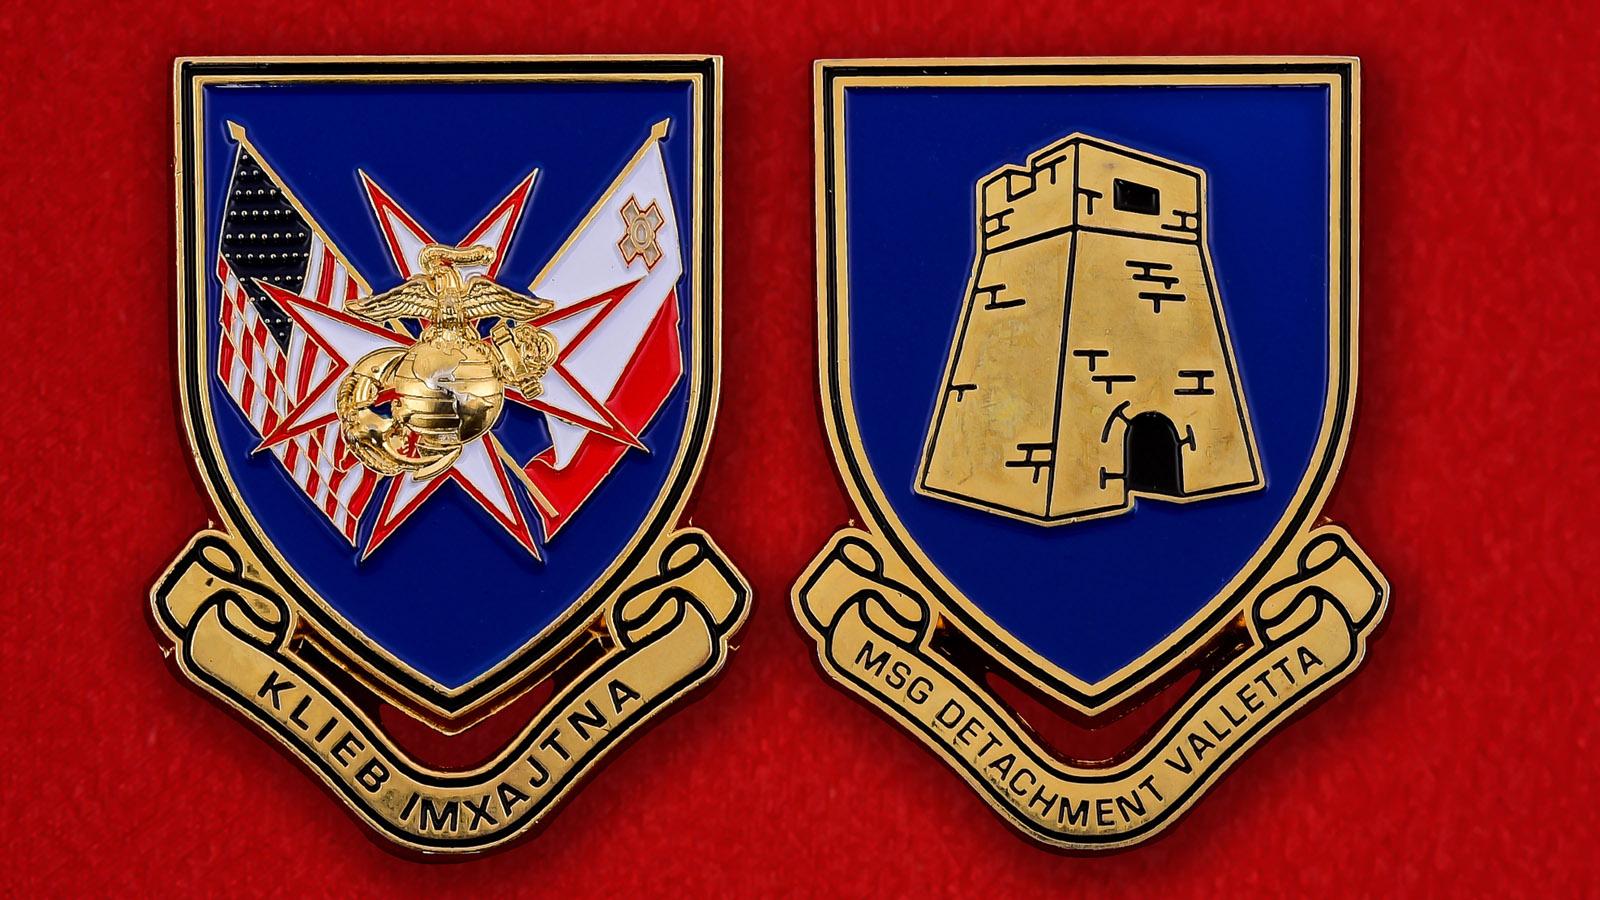 Челлендж коин Подразделения Корпуса Морской пехоты при посольстве США в Валлетте, Мальта